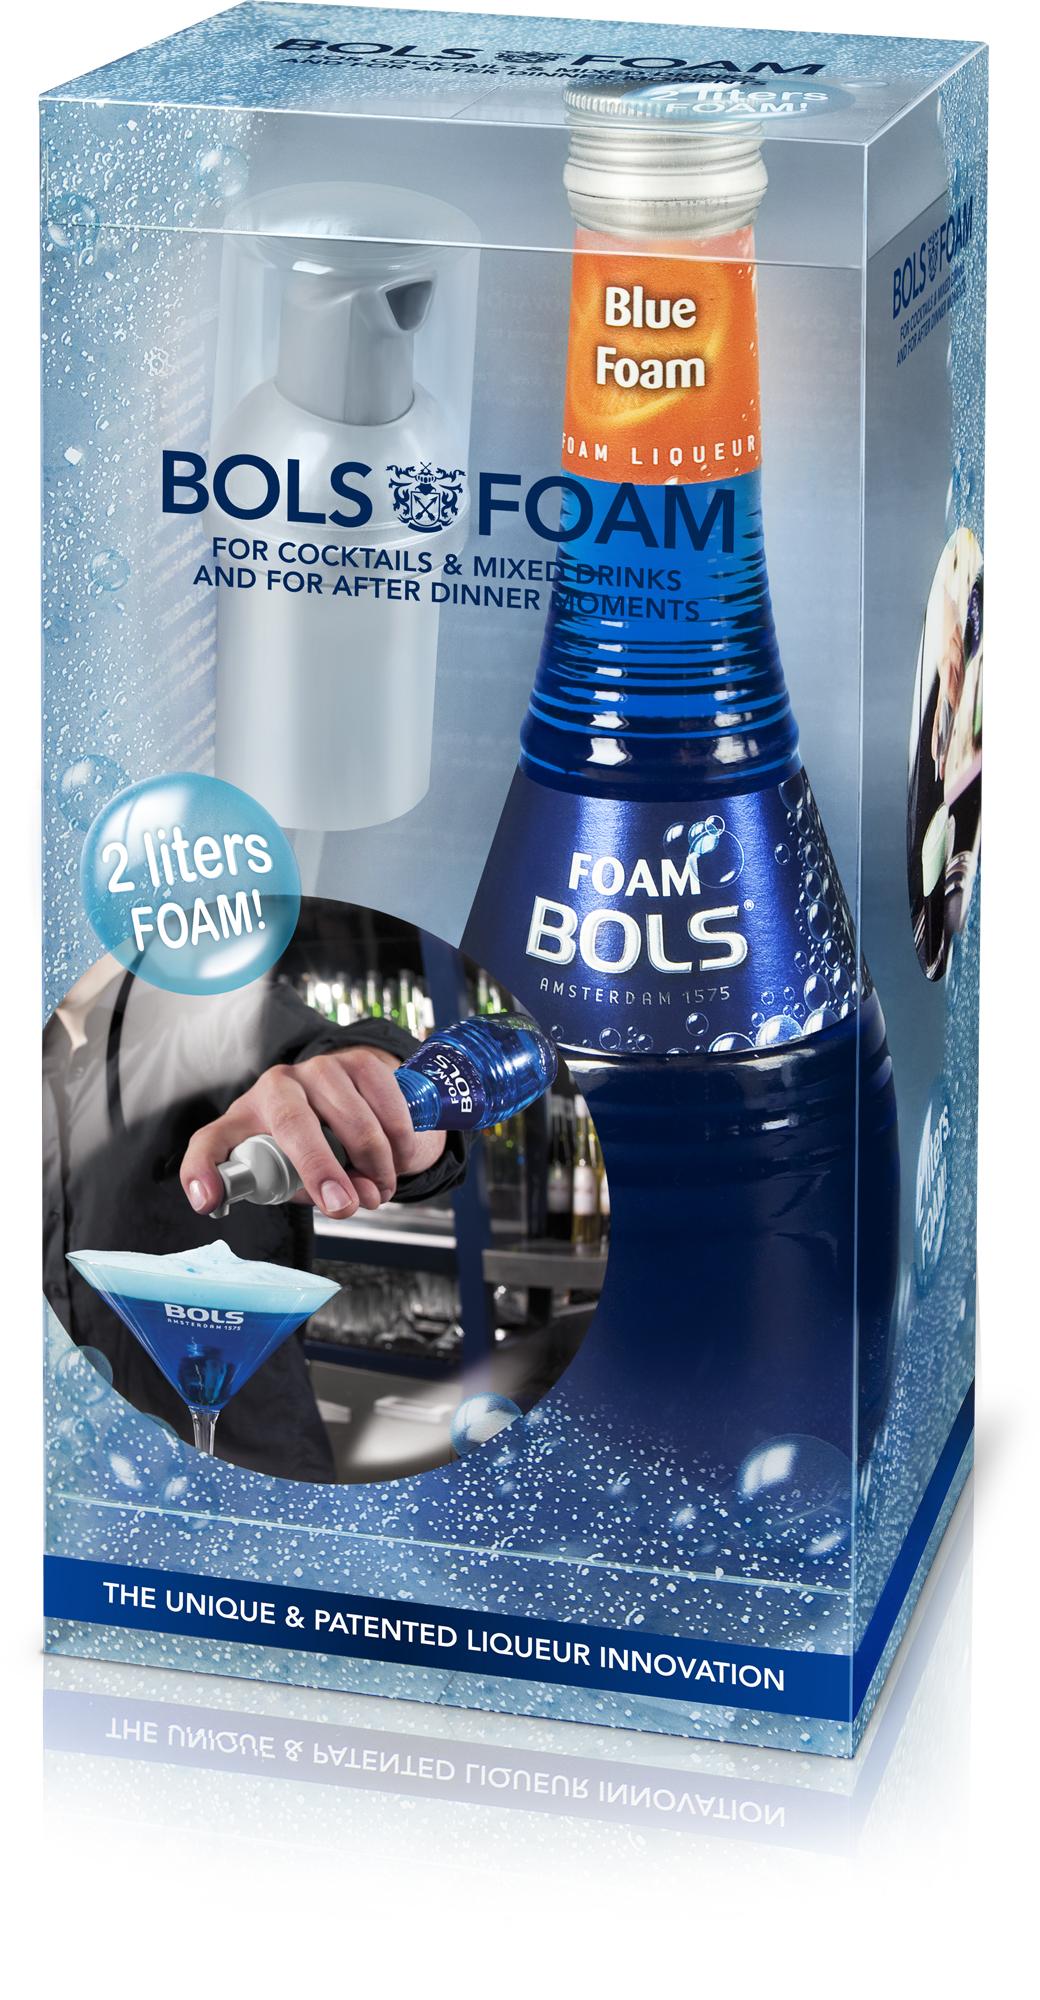 Bols Foam